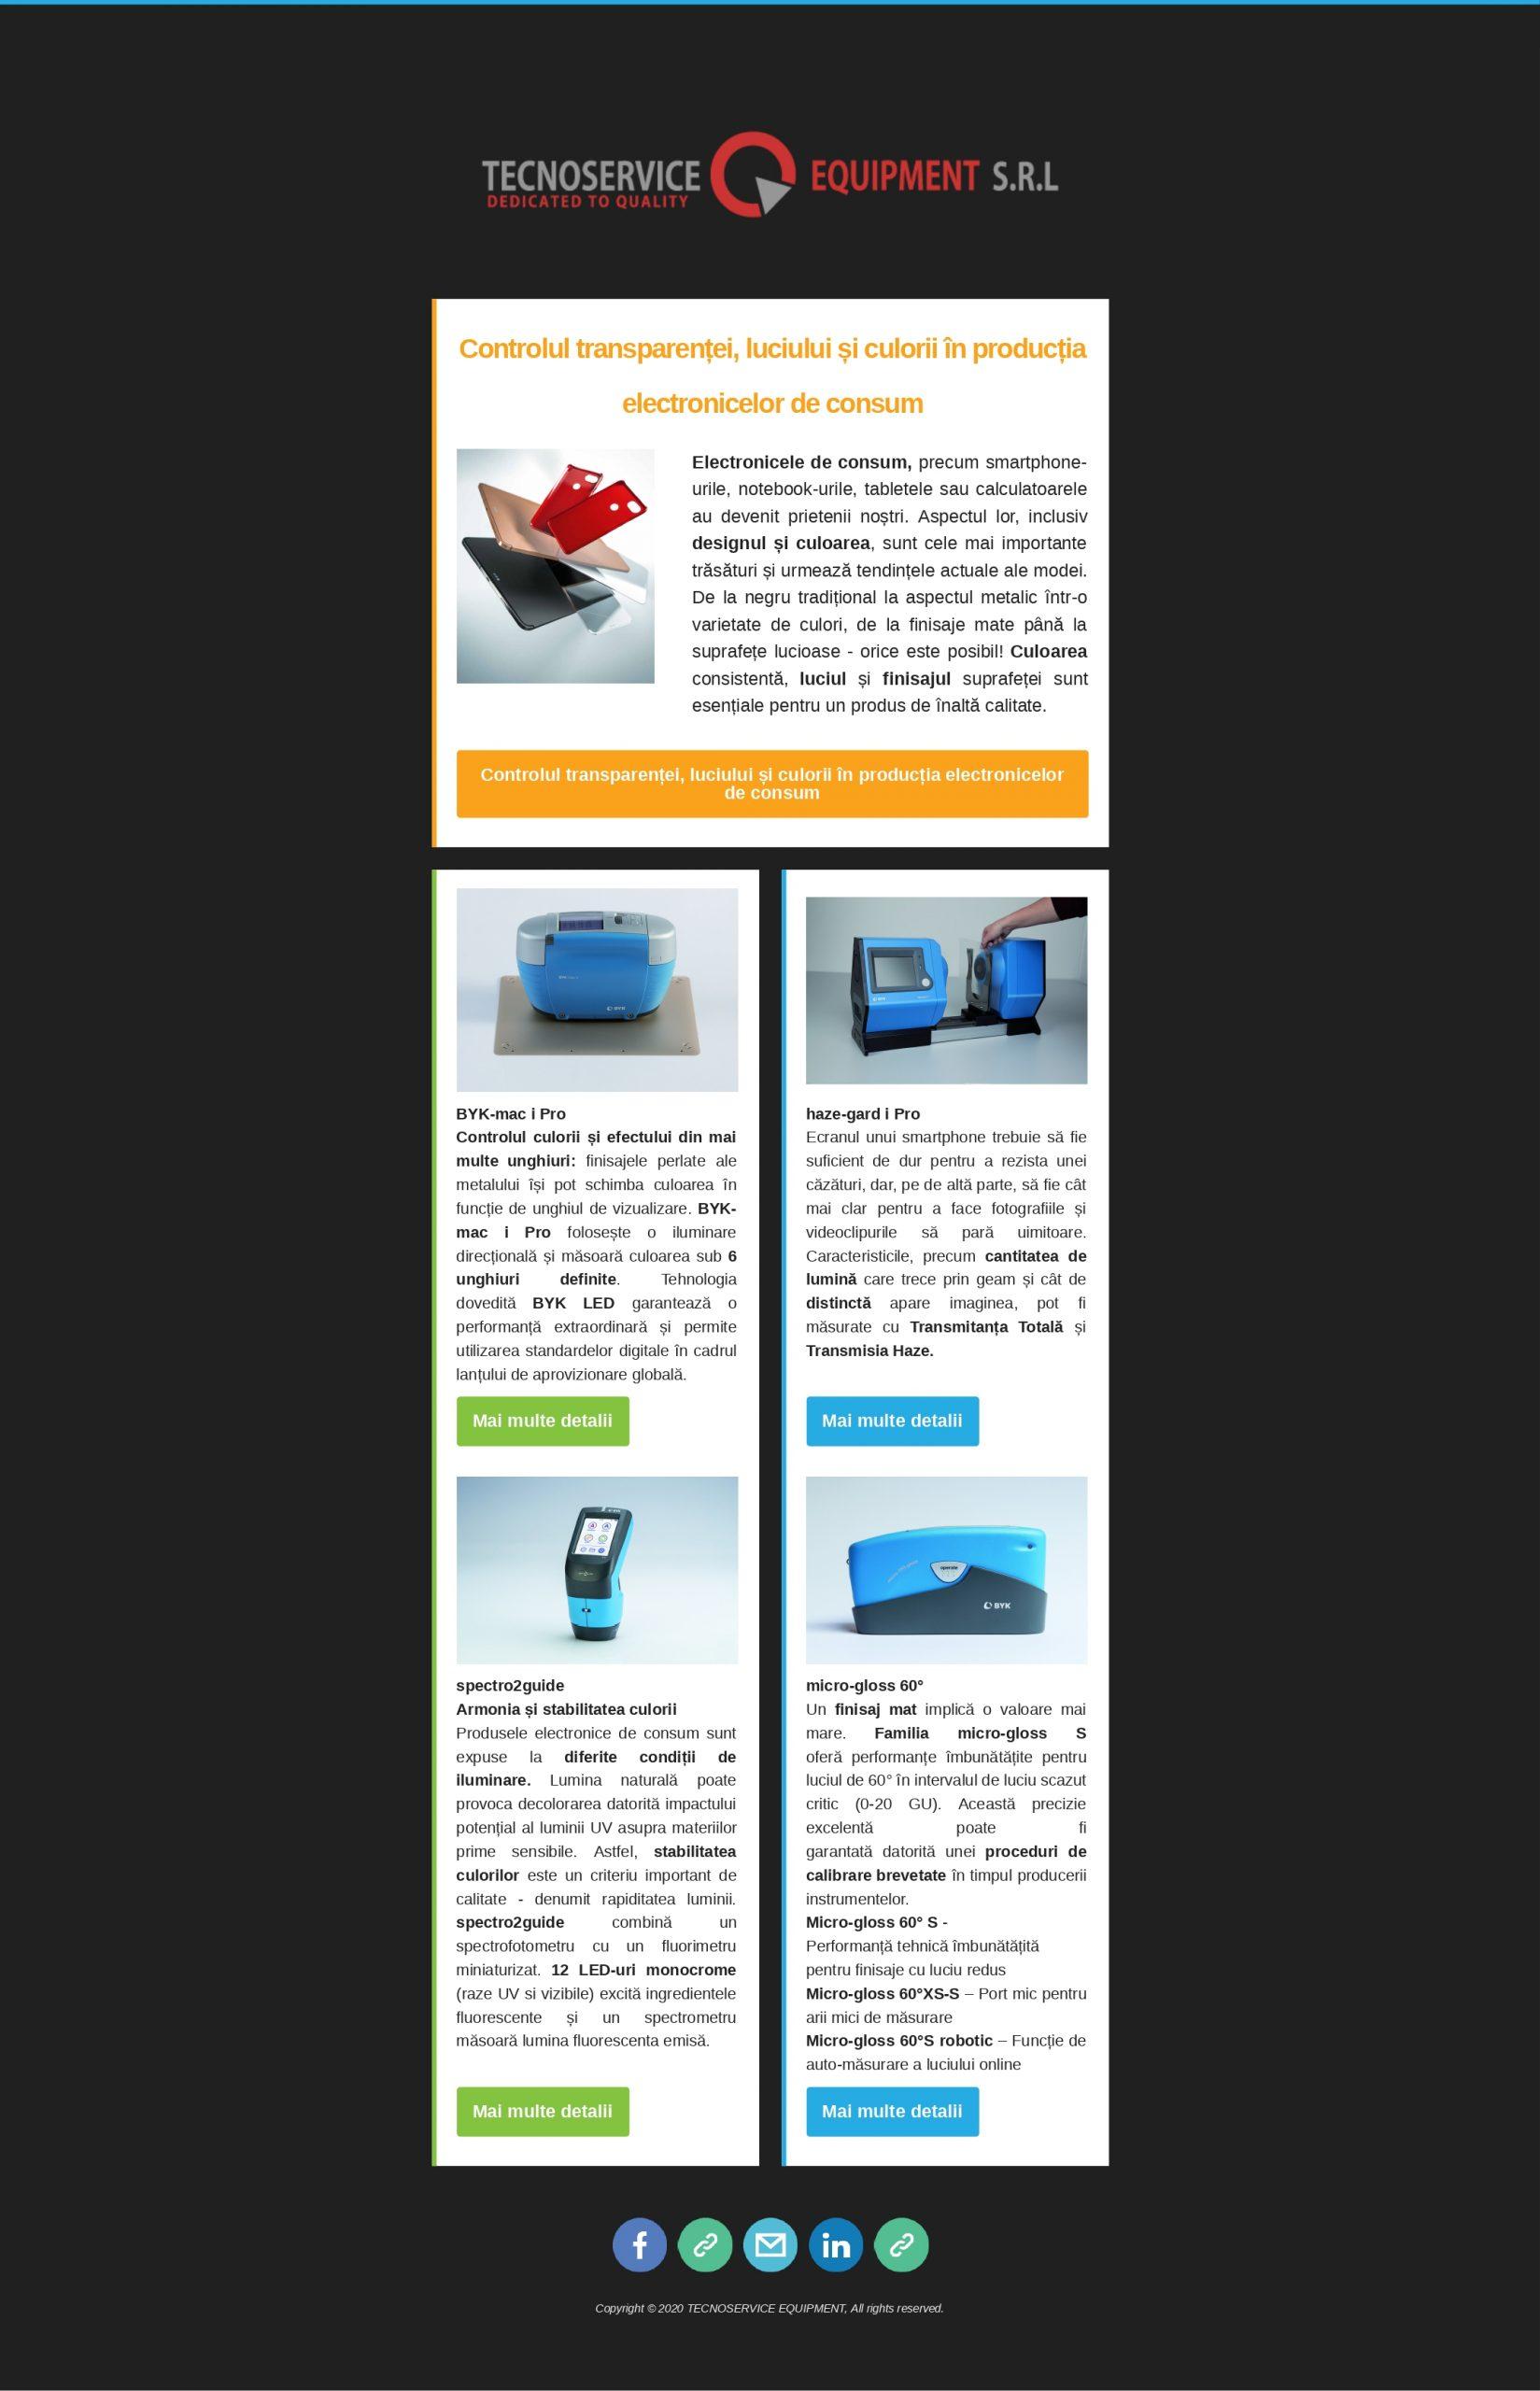 Controlul transparentei, luciului si culorii in productia electronicelor de consum